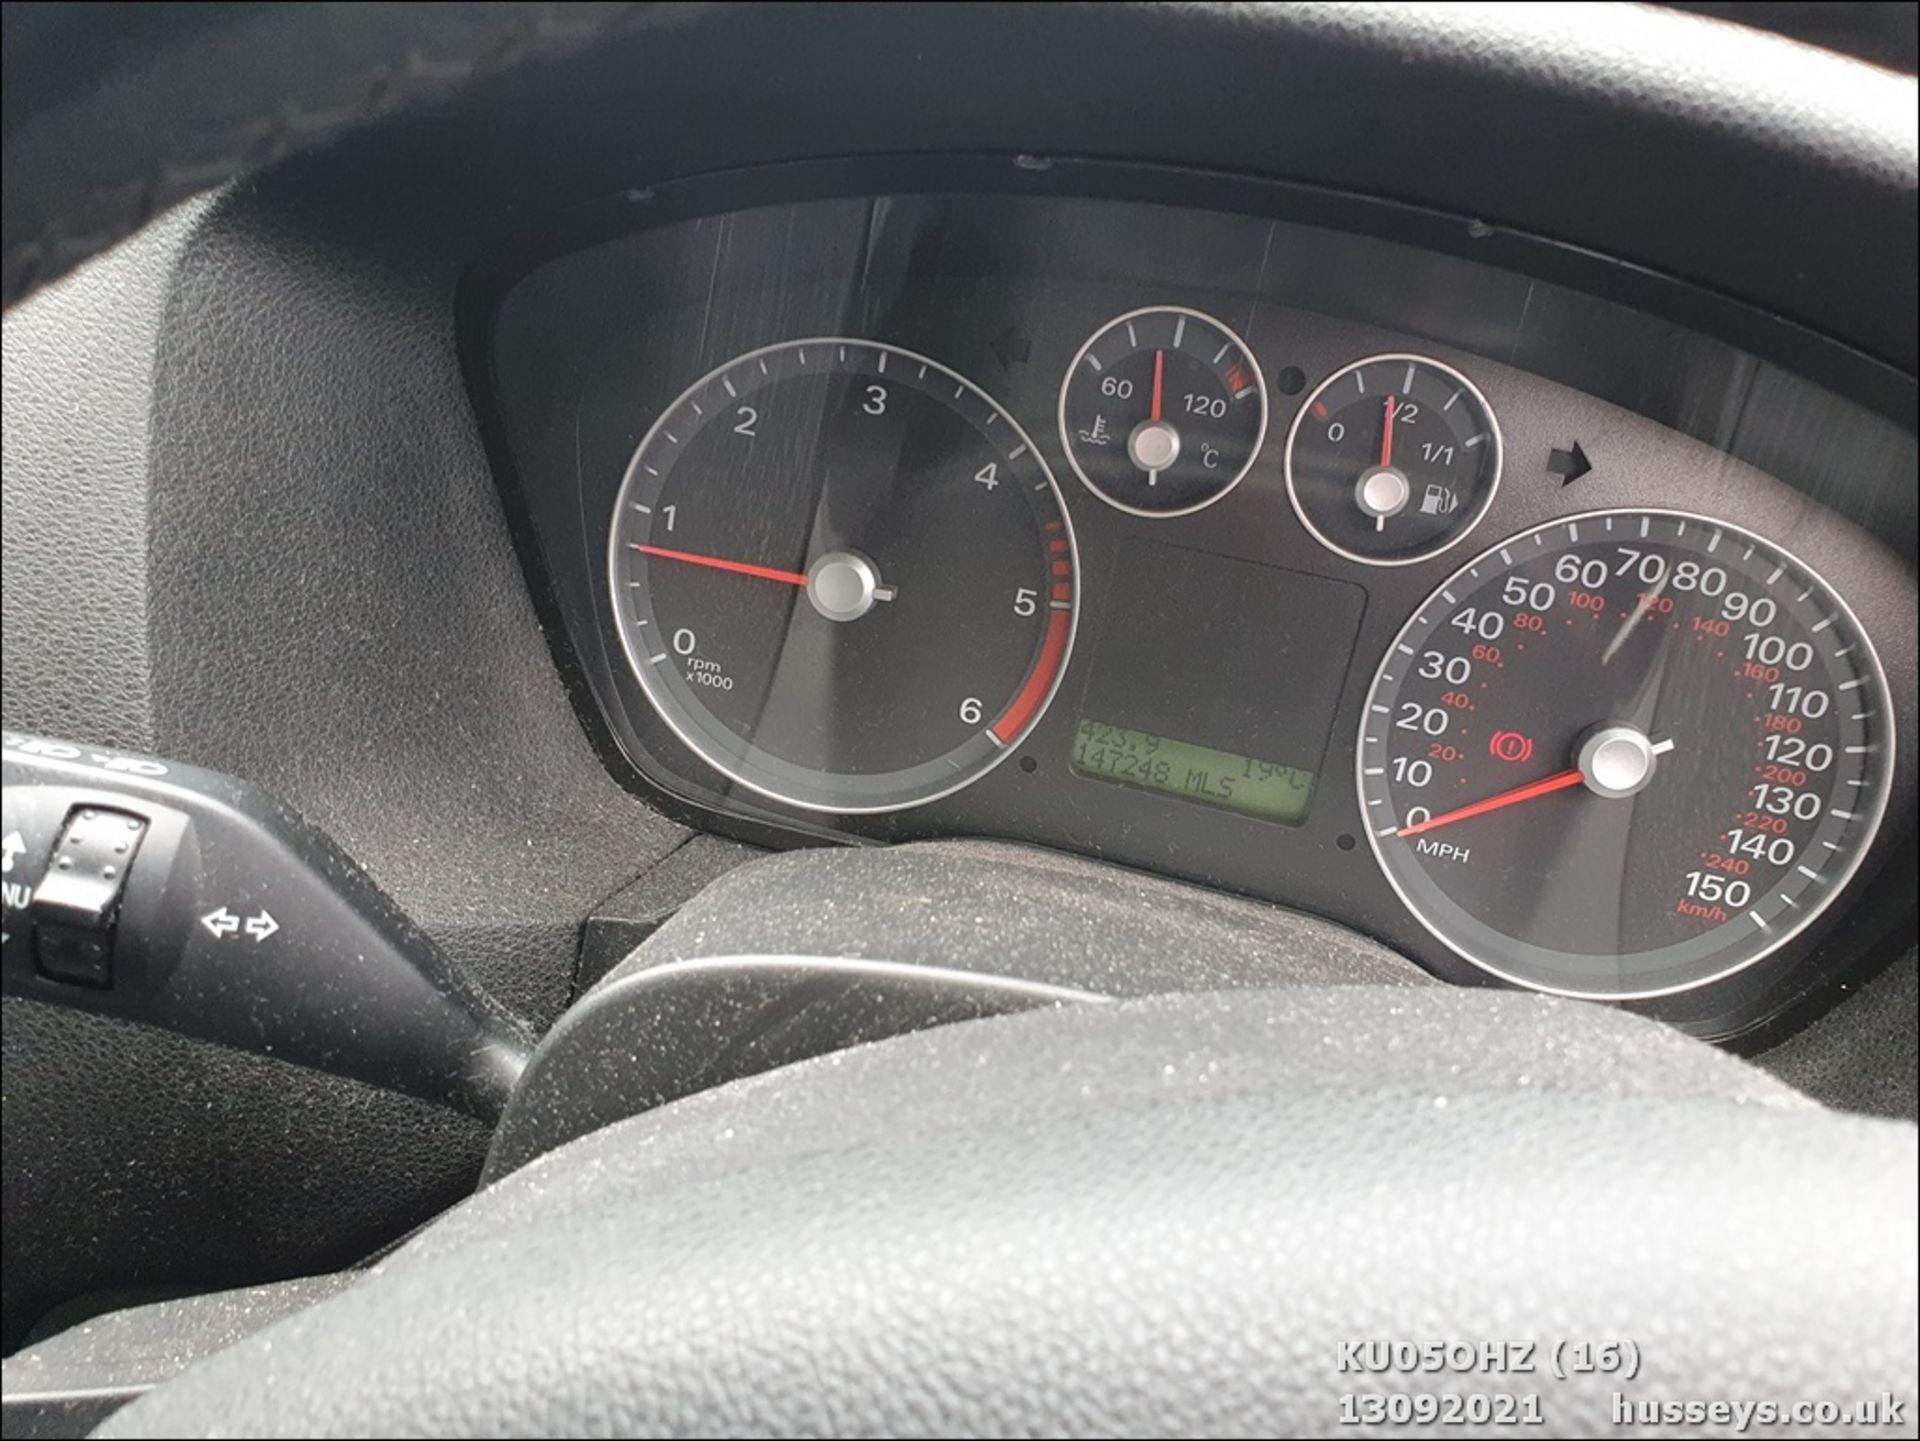 05/05 FORD FOCUS ZETEC CLIMATE TDCI - 1560cc 5dr Hatchback (Silver, 147k) - Image 16 of 18